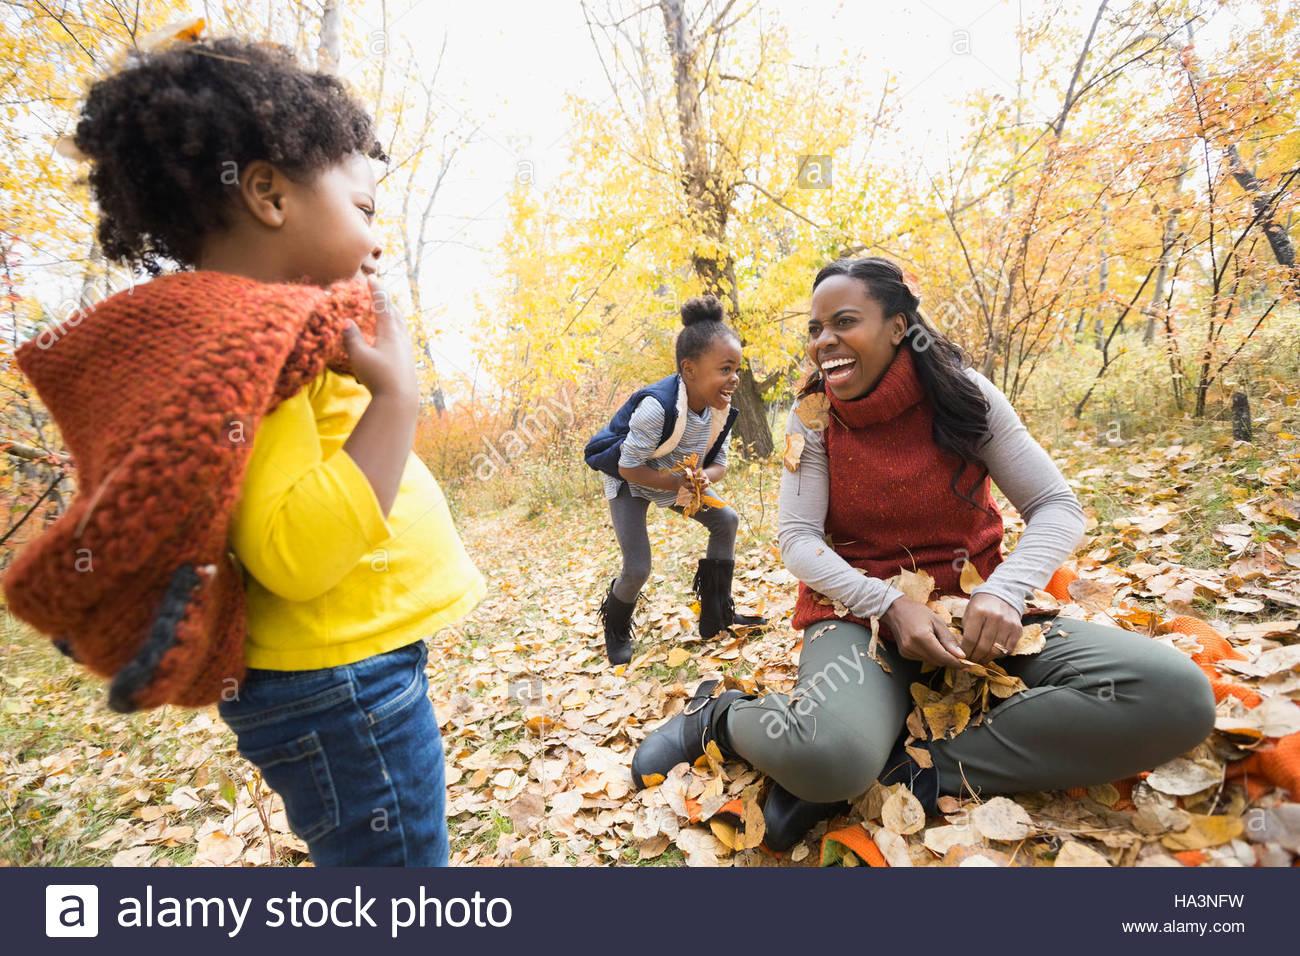 Madre y sus hijas jugando a arrojar hojas de otoño en el parque Imagen De Stock